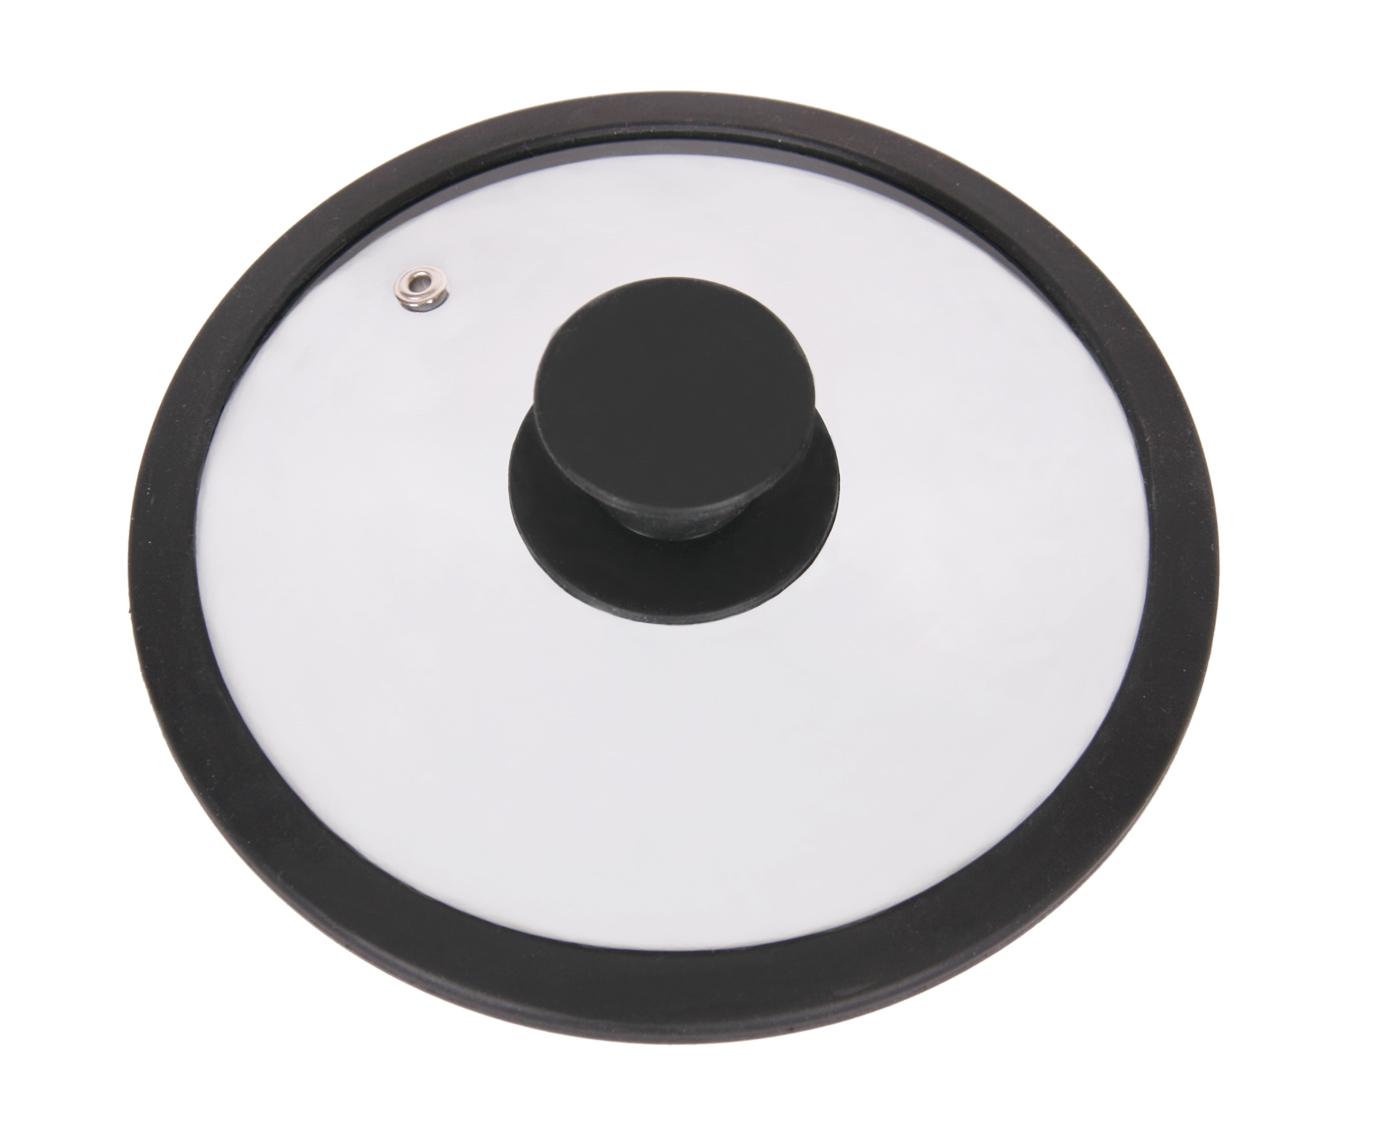 Крышка стеклянная Winner, цвет: черный. Диаметр 16 смWR-8300Крышка Winner изготовлена из термостойкого стекла с ободом из силикона. Крышка оснащена отверстием для выпуска пара. Ручка, выполненная из термостойкого бакелита с силиконовым покрытием, защищает ваши руки от высоких температур. Крышка удобна в использовании и позволяет контролировать процесс приготовления пищи. Характеристики:Материал:стекло, силикон, бакелит. Диаметр: 16 см. Изготовитель: Германия. Производитель: Китай. Размер упаковки: 16,6 см х 16,6 см х 4 см. Артикул: WR-8300.